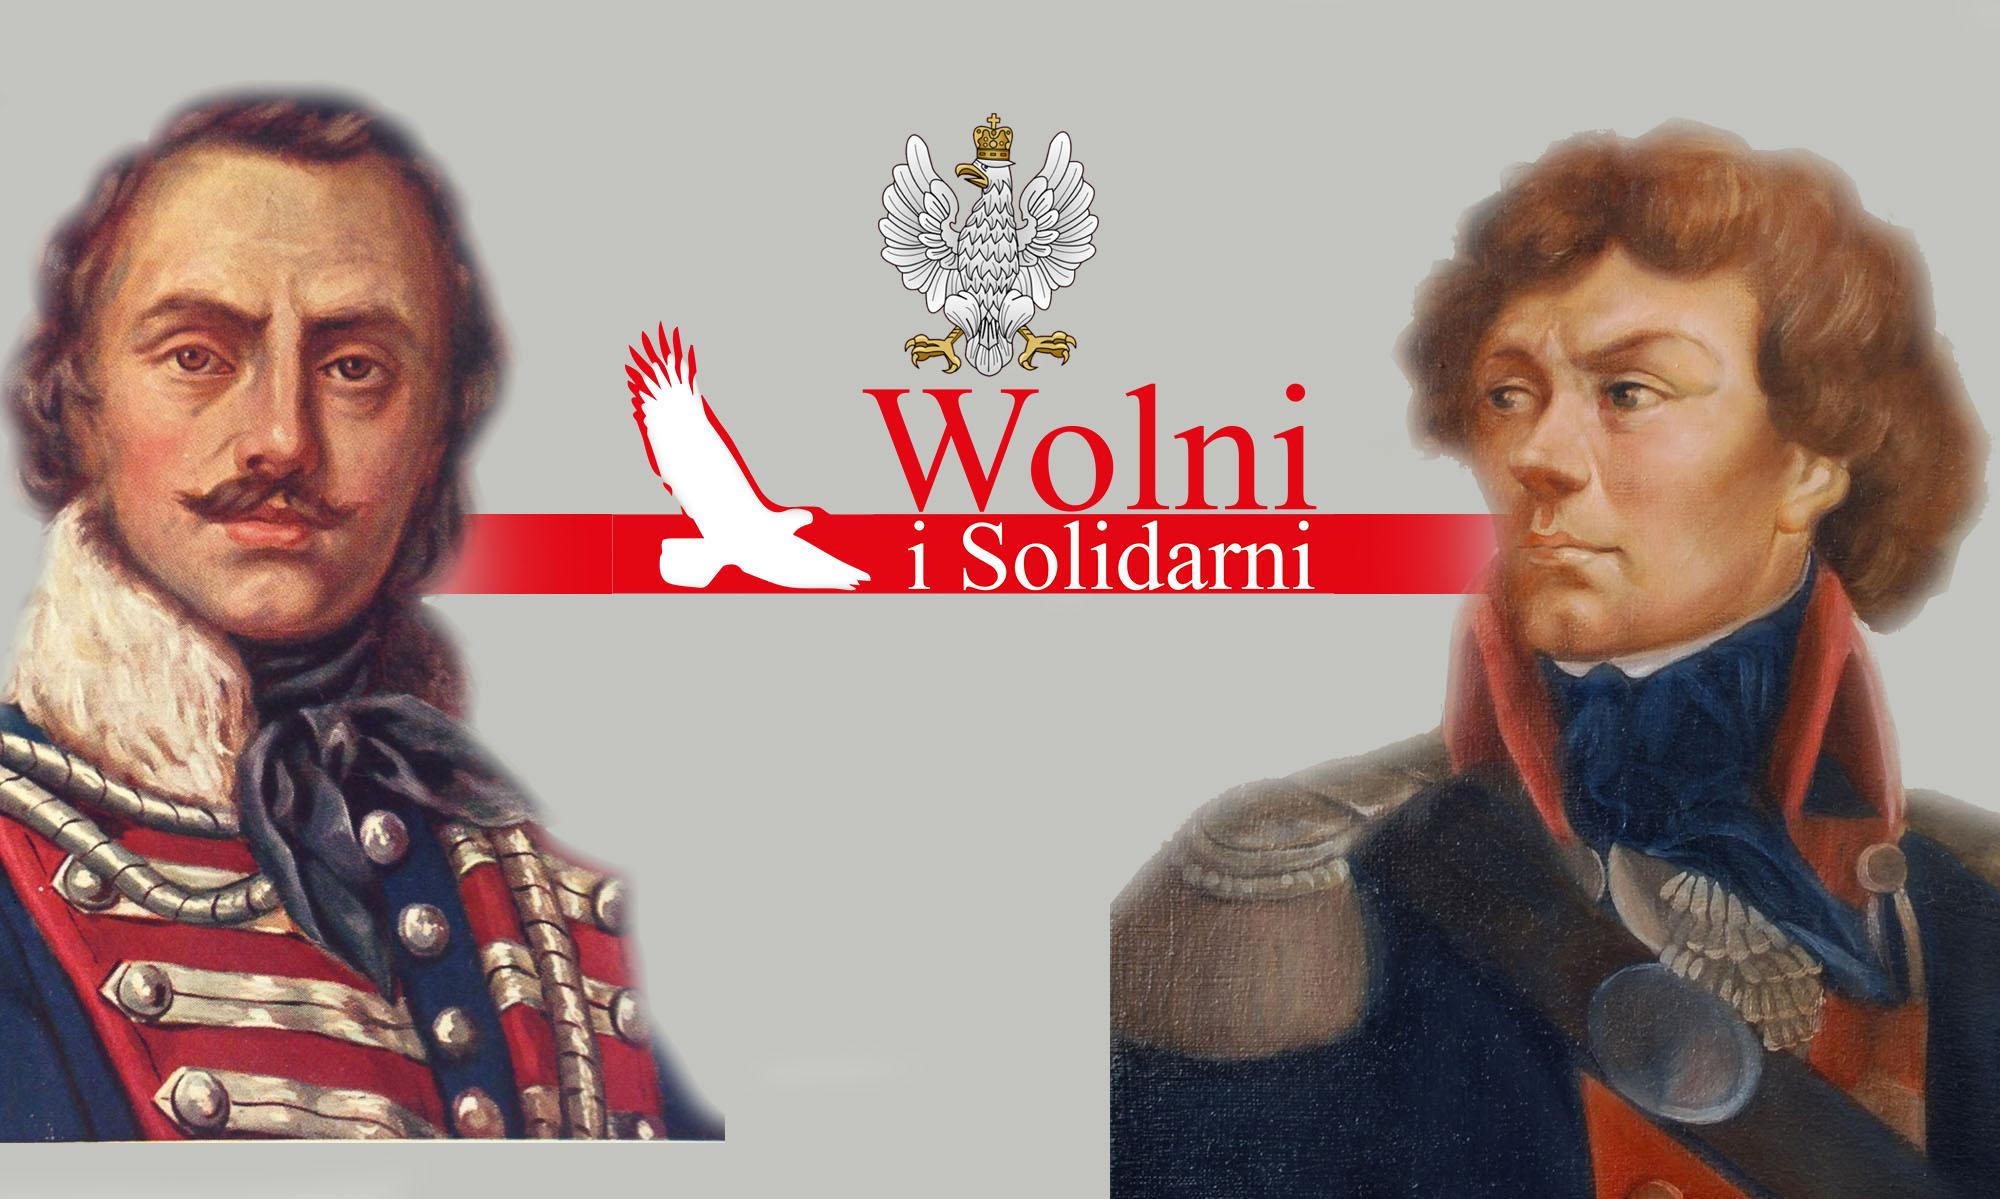 Wolni i Solidarni